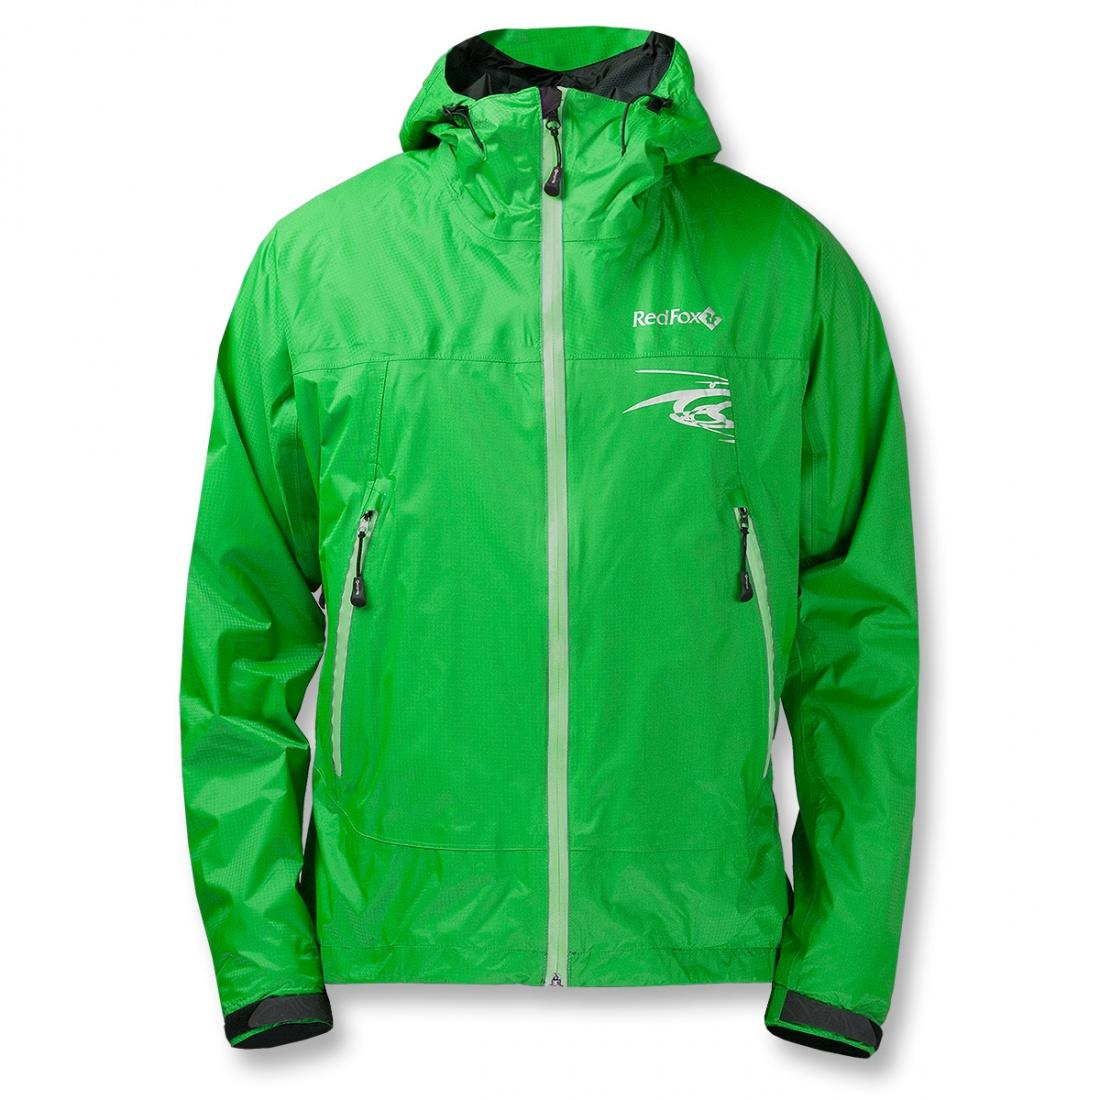 Куртка ветрозащитная Trek IIКуртки<br><br> Легкая влаго-ветрозащитная куртка для использования в ветреную или дождливую погоду, подойдет как для профессионалов, так и для любителей. Благодаря анатомическому крою и продуманным деталям, куртка обеспечивает необходимую свободу движения во врем...<br><br>Цвет: Зеленый<br>Размер: 52